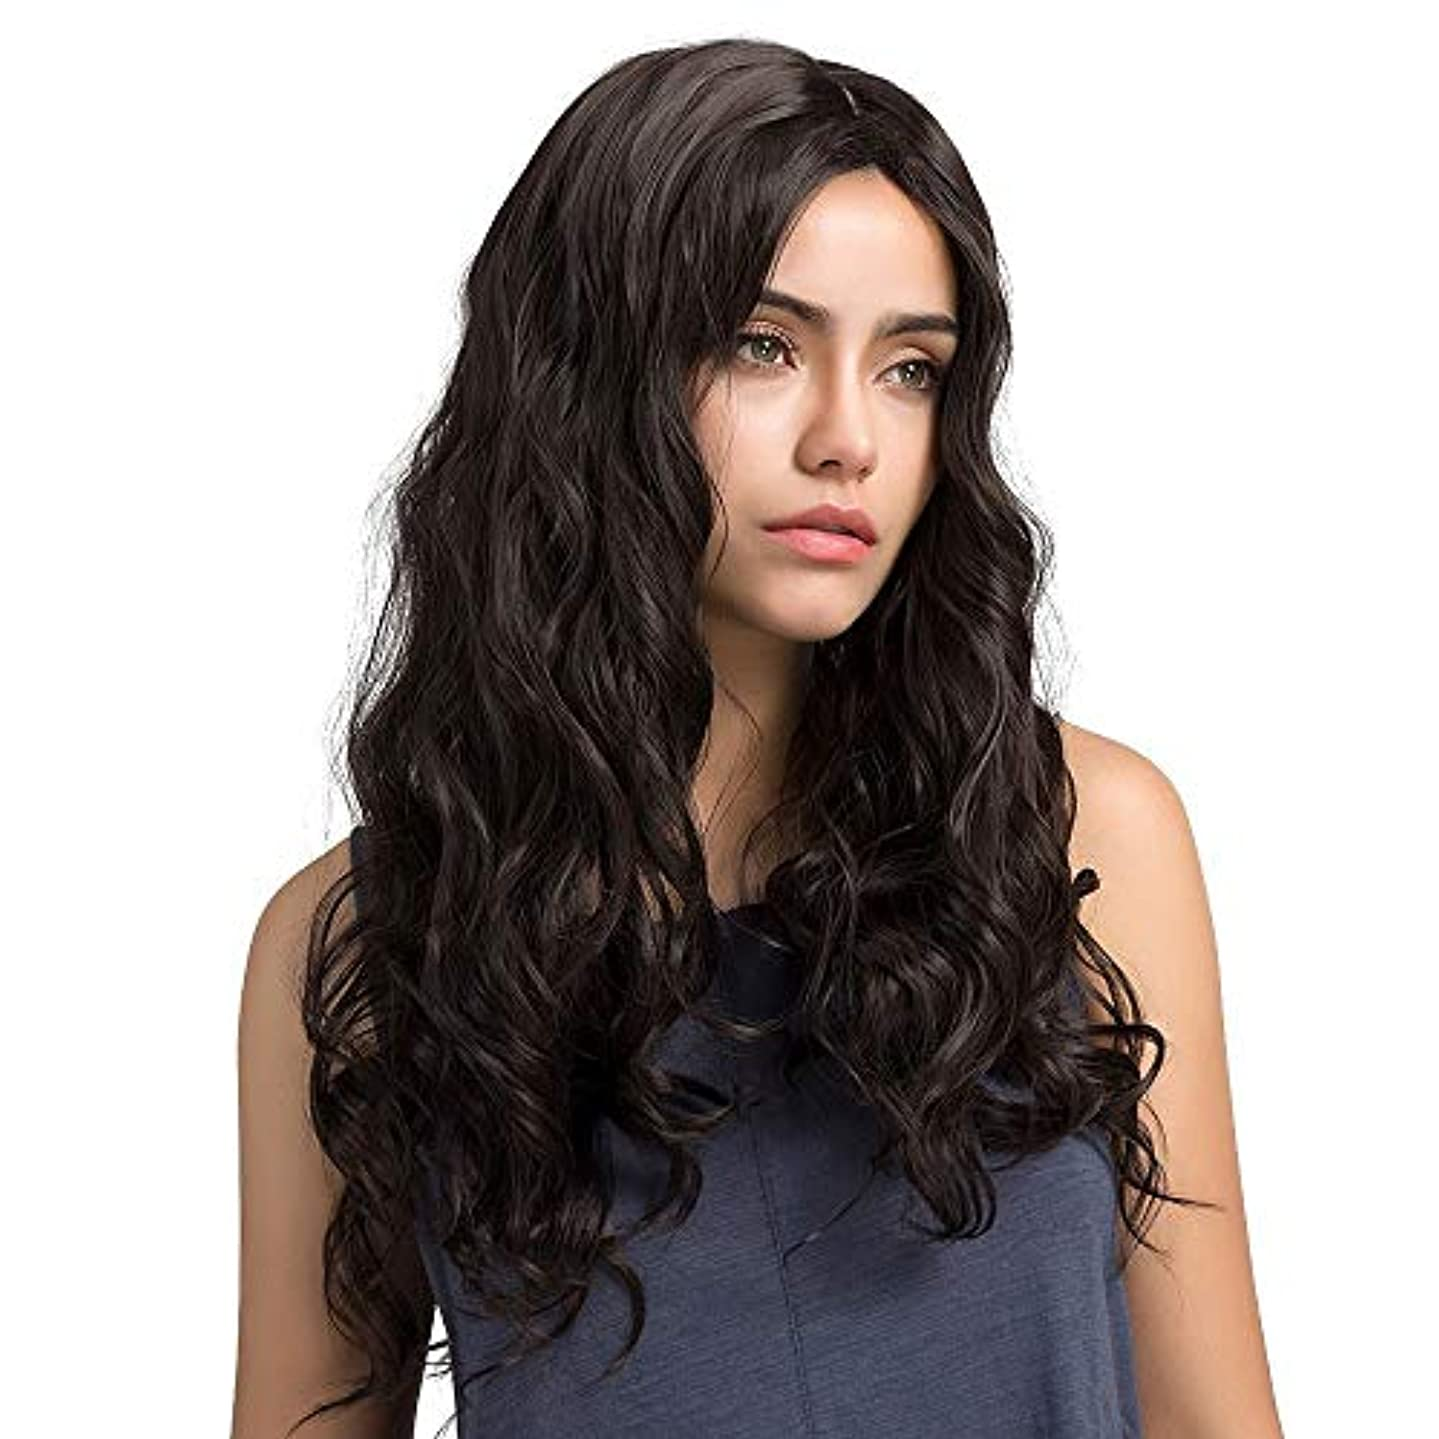 女性スーパー狭い女性の小さな波状の長い巻き毛のふわふわのかつら65 cm